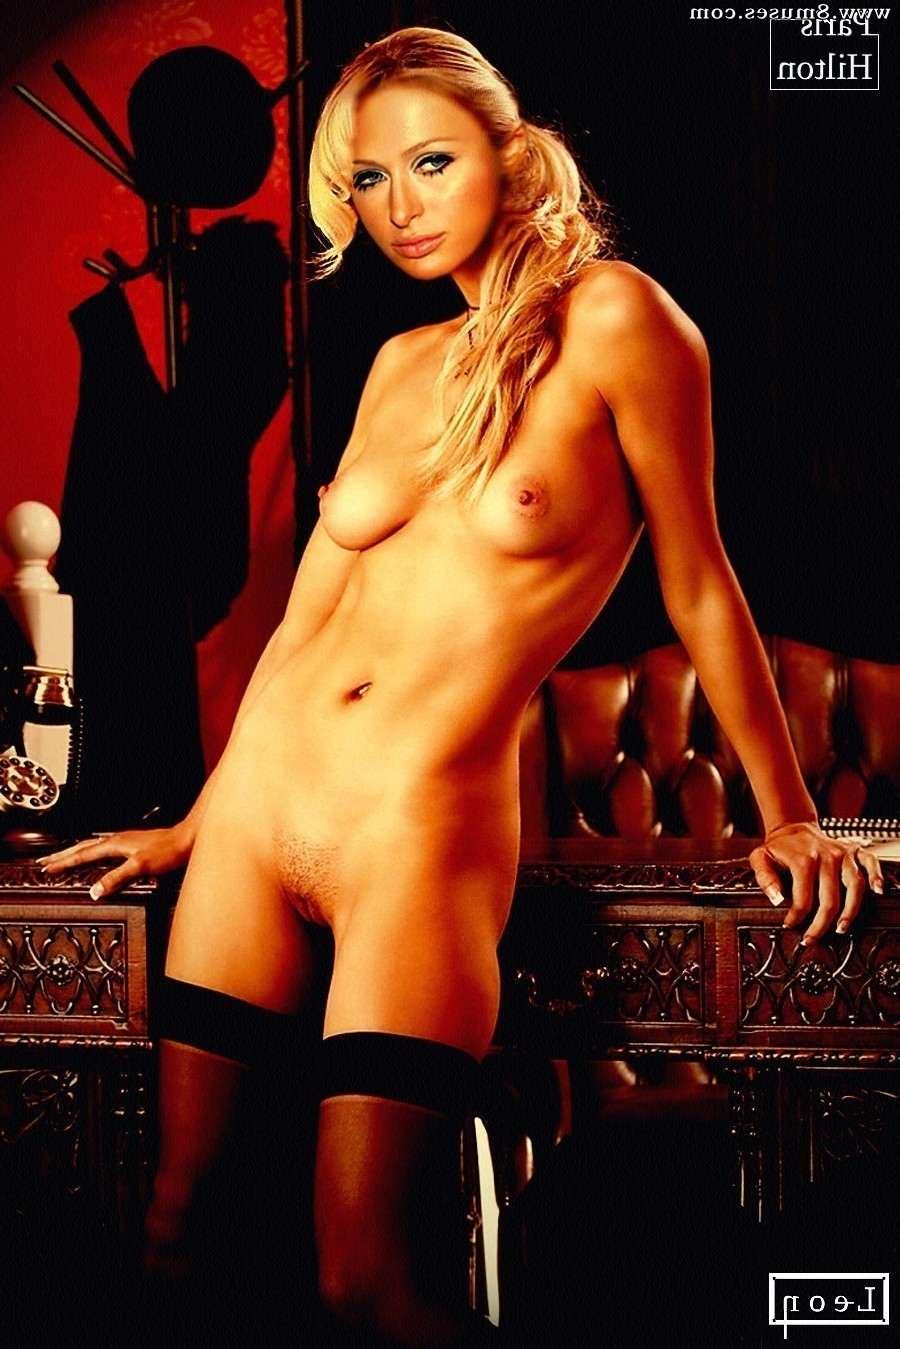 Fake-Celebrities-Sex-Pictures/Paris-Hilton Paris_Hilton__8muses_-_Sex_and_Porn_Comics_293.jpg